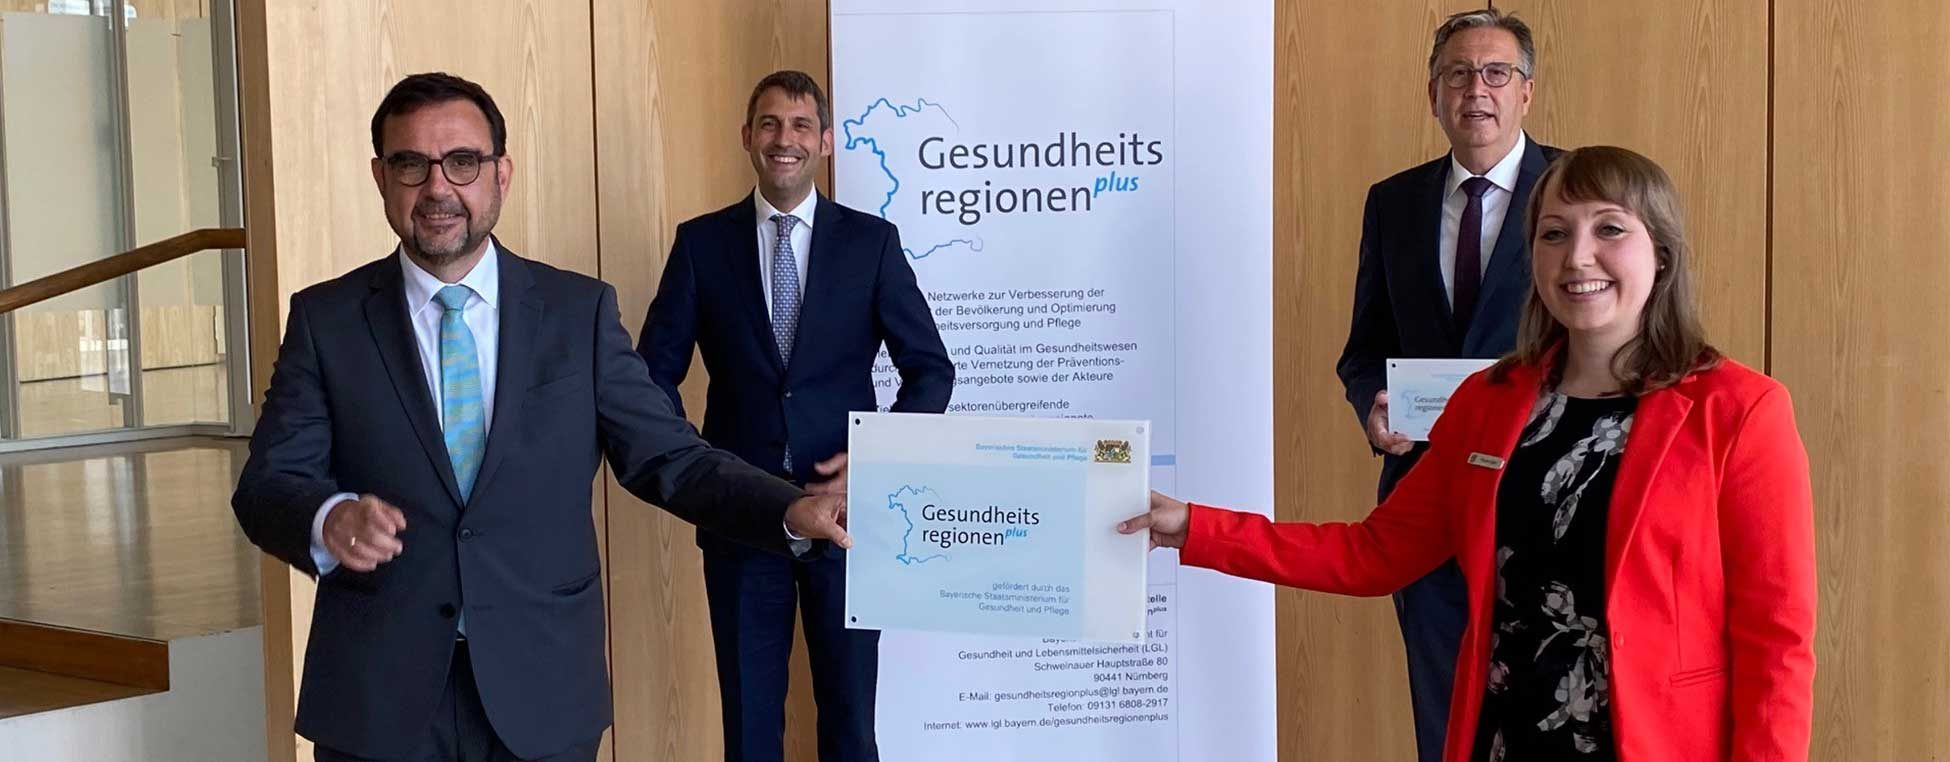 Gesundheitsminister Klaus Holetschek bei der Übergabe der Förderplakette für die Gesundheitsregionplus in Aschaffenburg am 11. Juni 2021